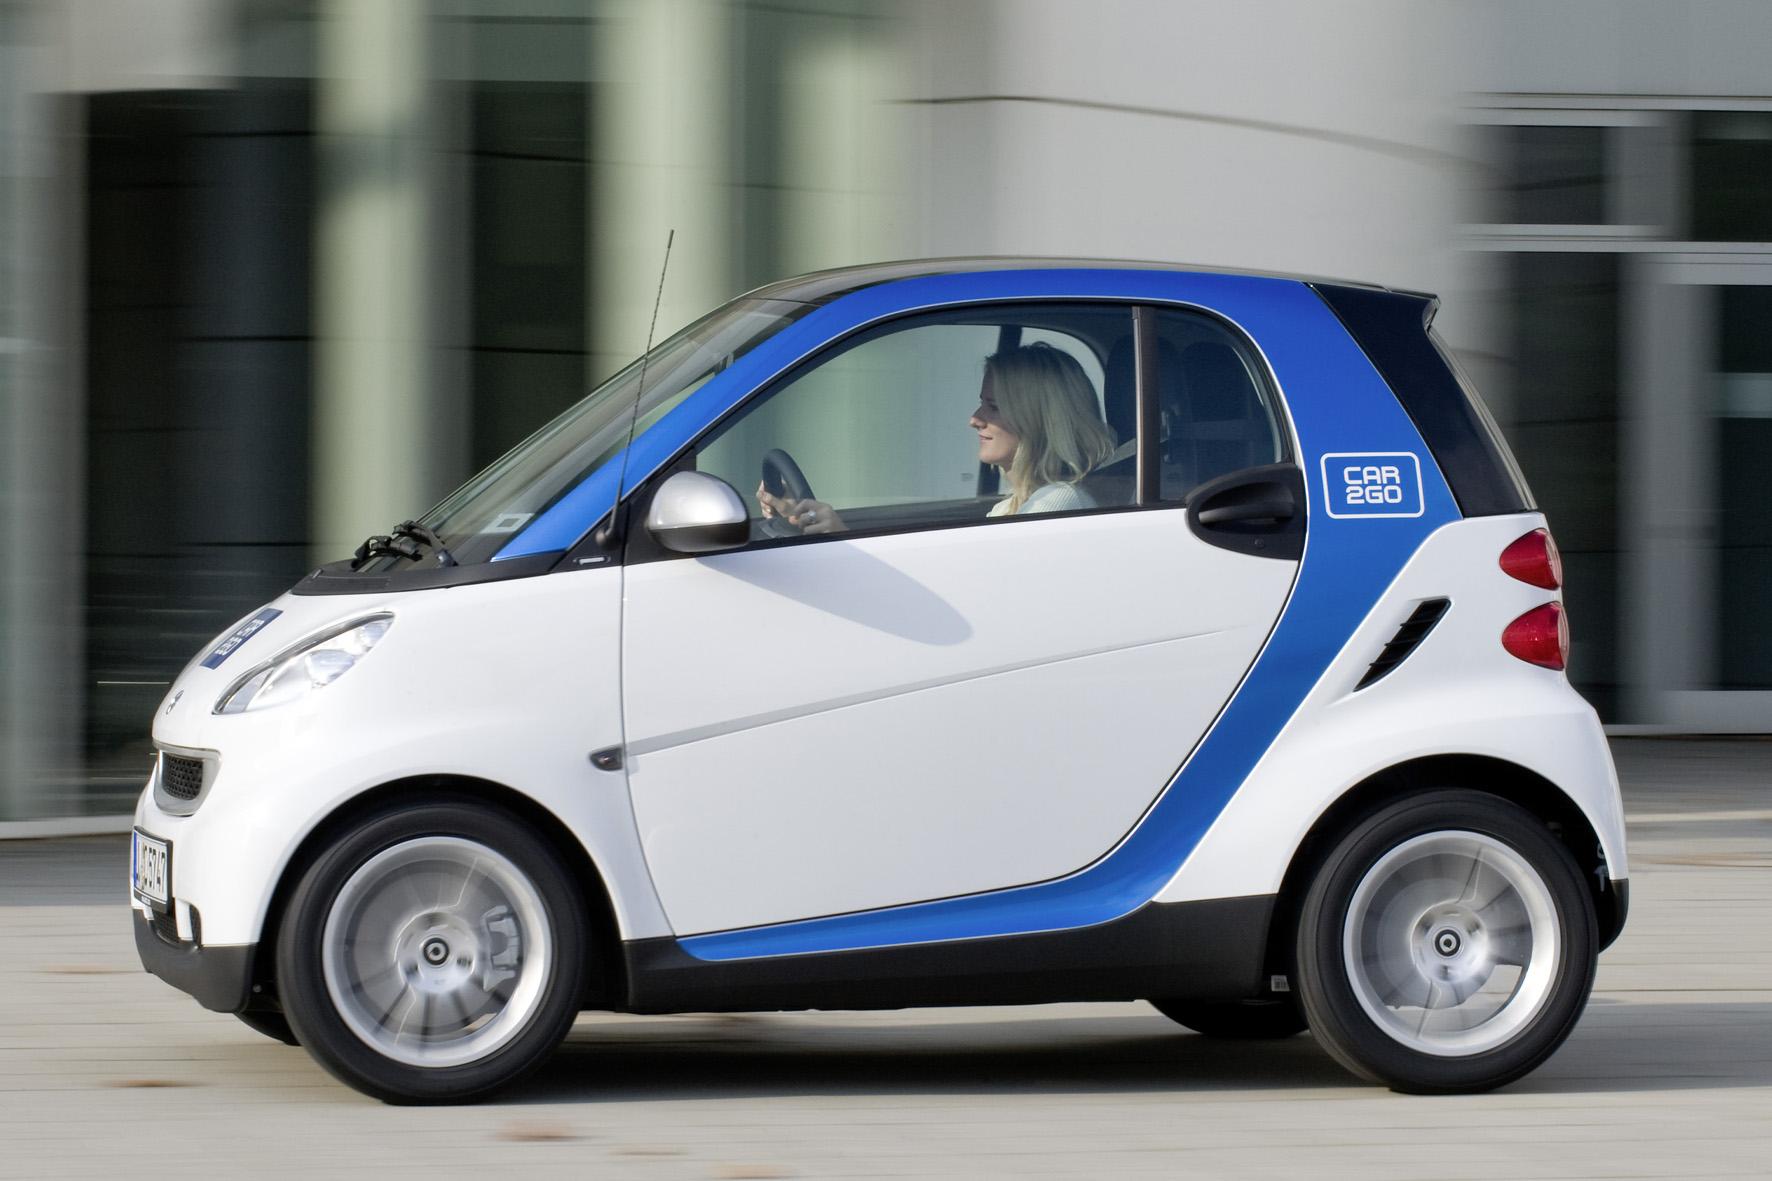 mid Groß-Gerau - Trotz vieler Sympathiepunkte steht die Zukunft des Smart in den Sternen. Daimler